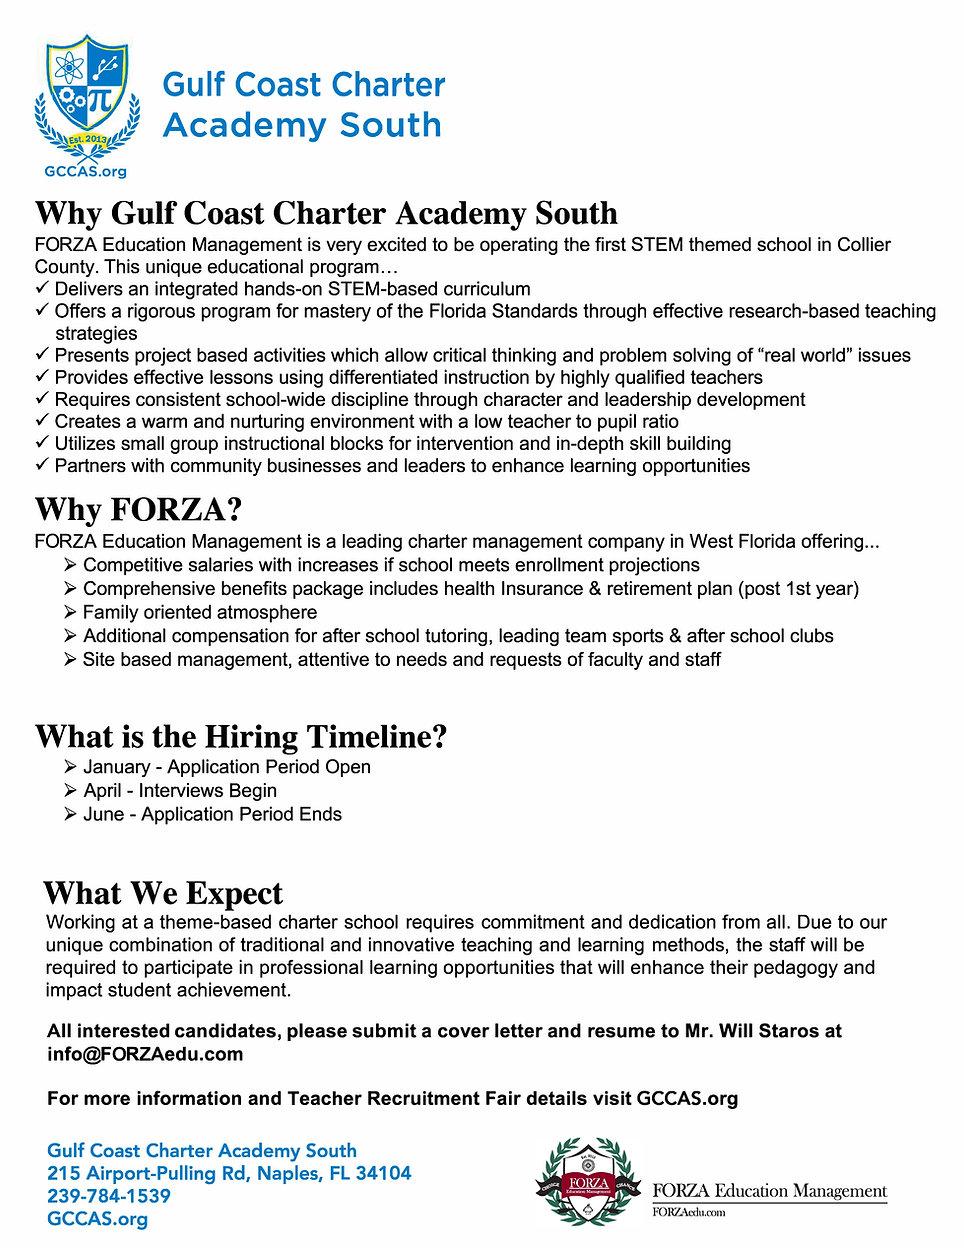 GCCAS Fact Sheet Final[1].jpg